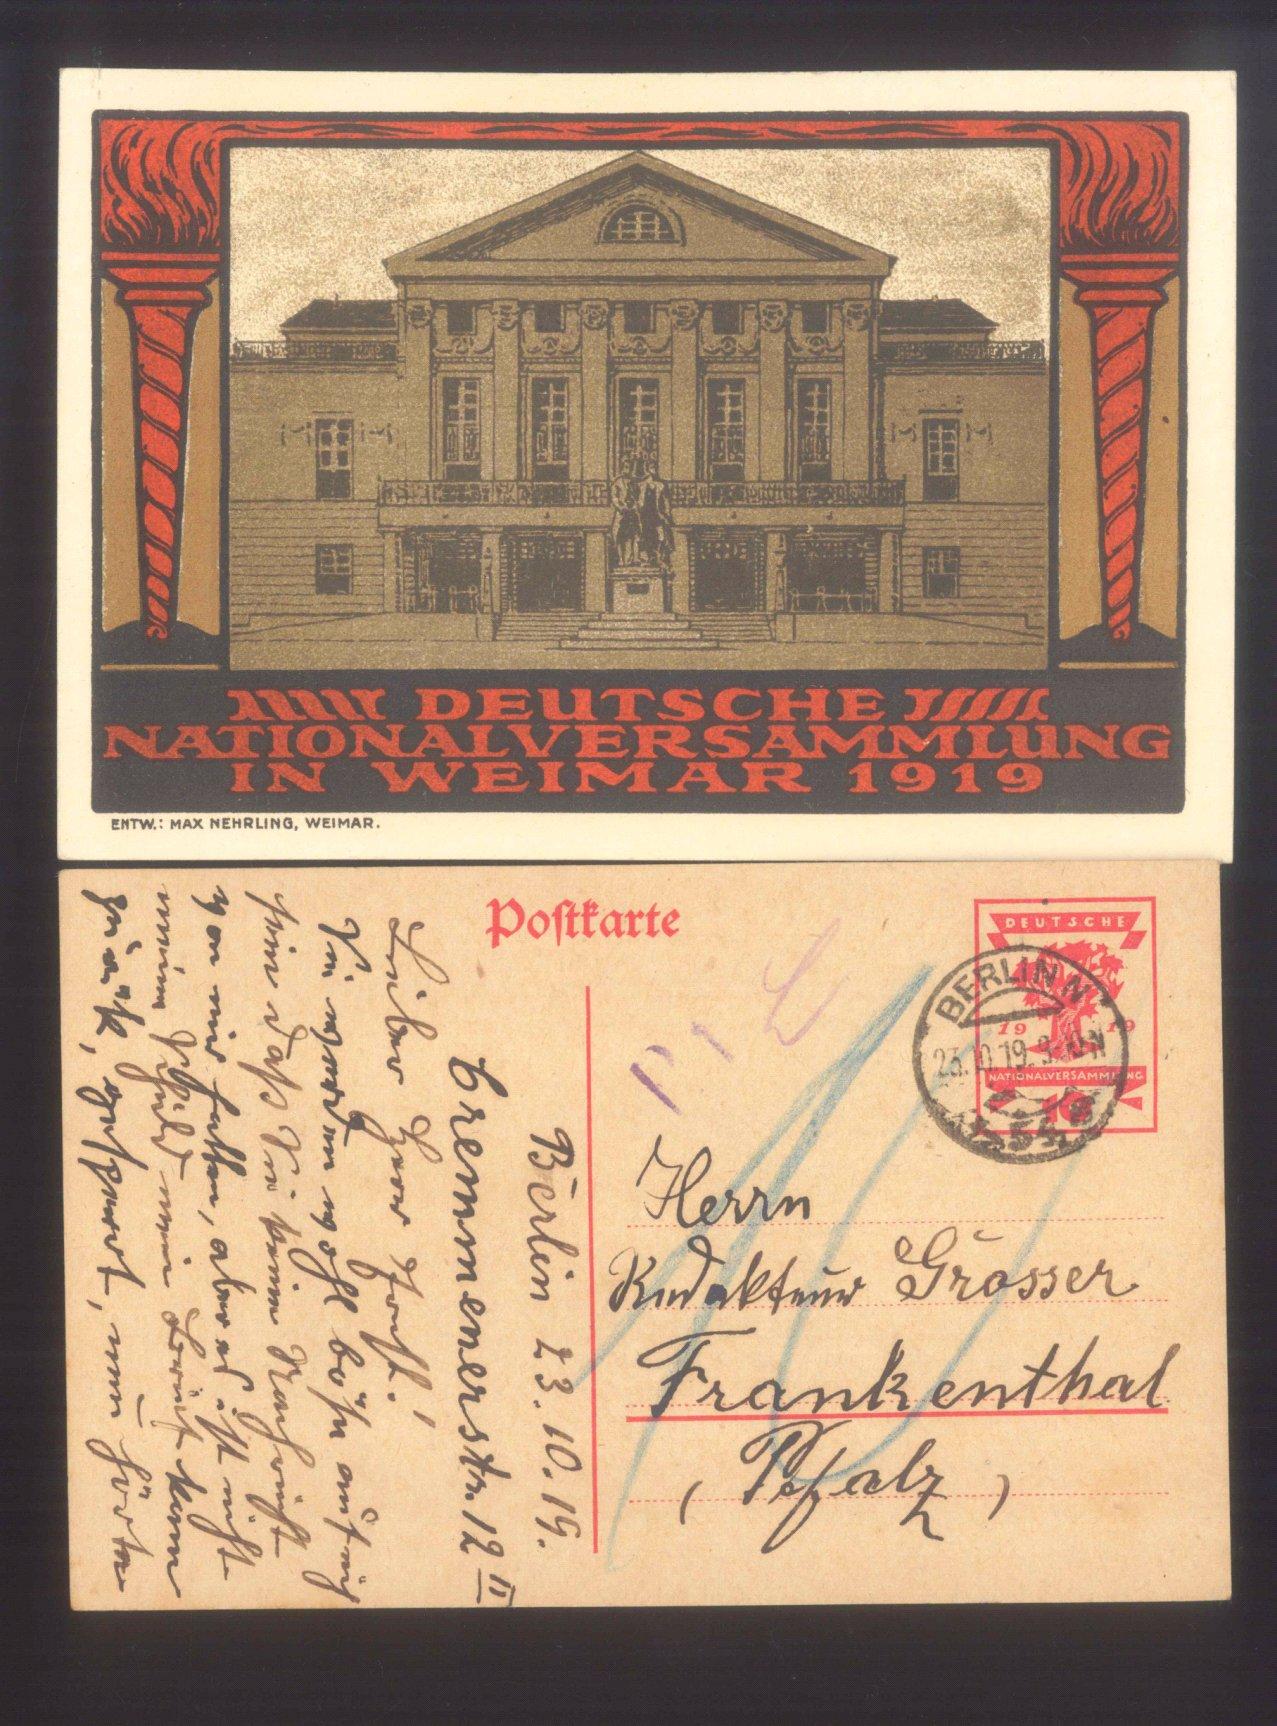 DEUTSCHES REICH 1919 National-Versammlung Weimar